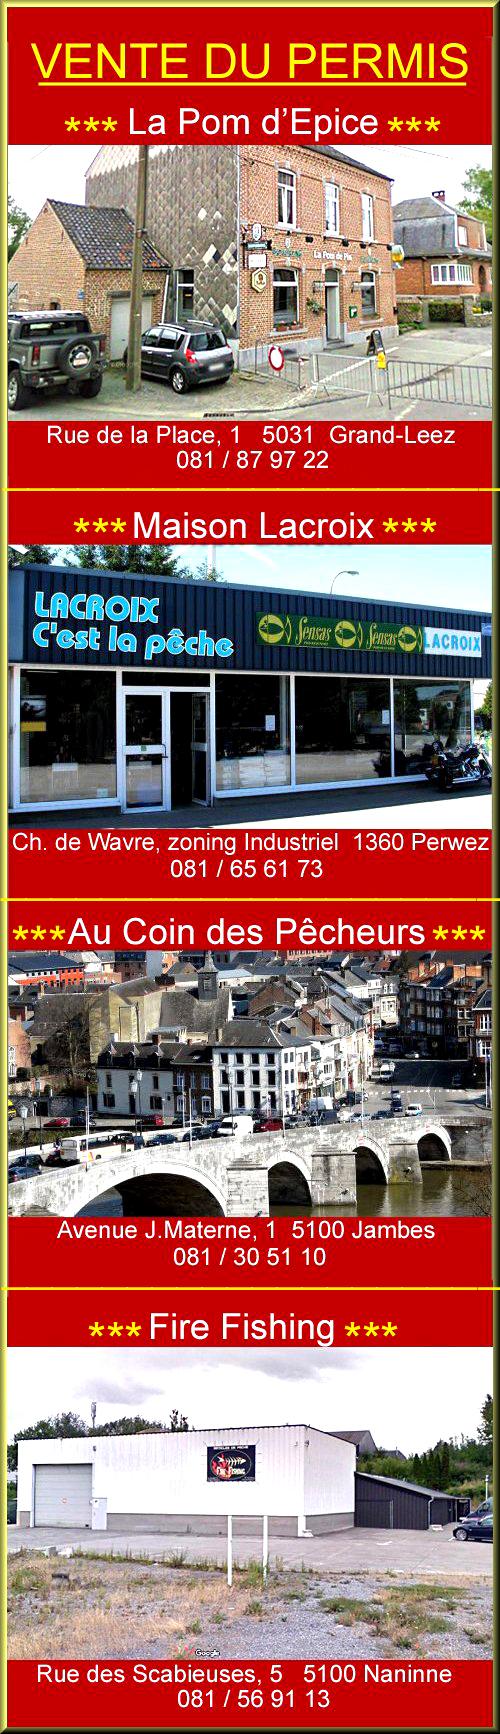 Vente du pemis copie 4.jpg